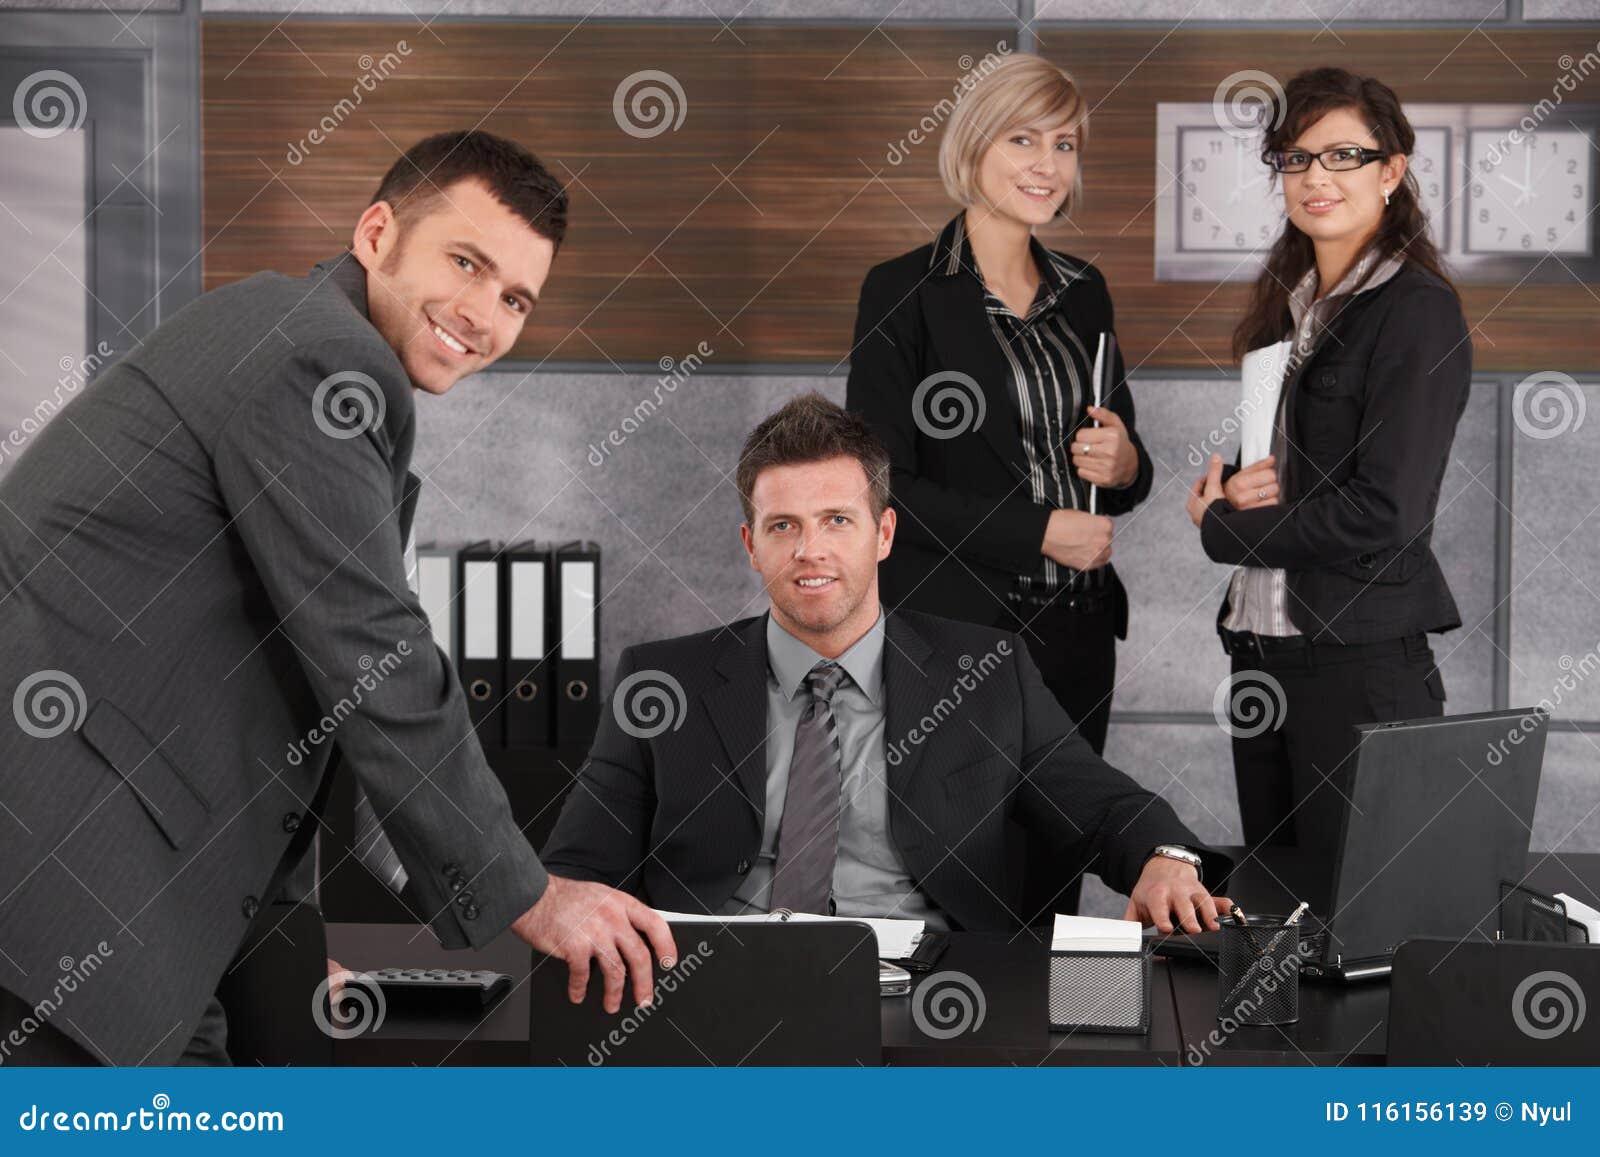 Executivo empresarial com equipe ao redor